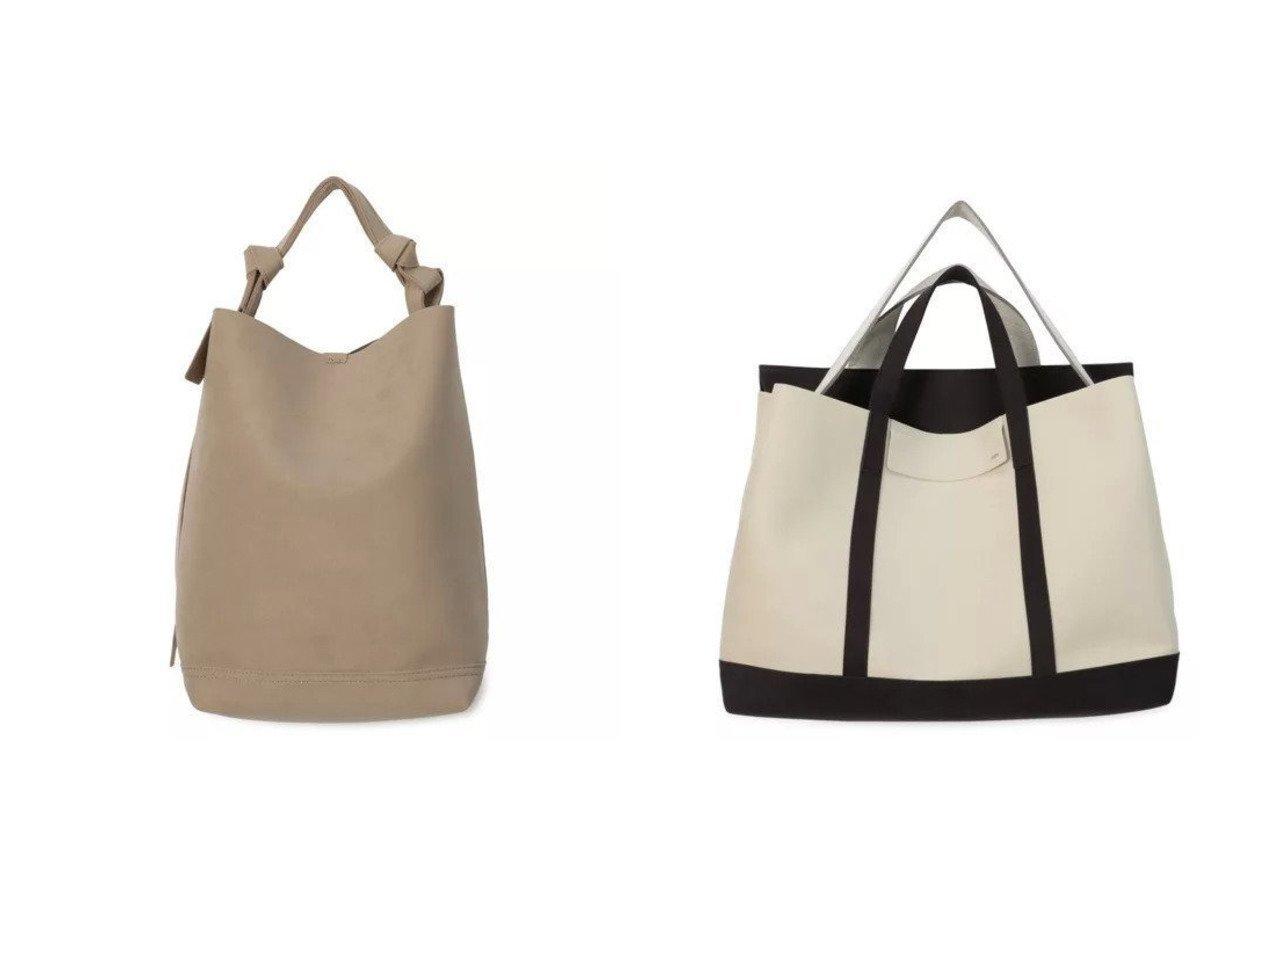 【zattu/ザッツ】のMAC TO-TO MULTI-1&VITTO(ヴィット) バッグ・鞄のおすすめ!人気、トレンド・レディースファッションの通販 おすすめで人気の流行・トレンド、ファッションの通販商品 メンズファッション・キッズファッション・インテリア・家具・レディースファッション・服の通販 founy(ファニー) https://founy.com/ ファッション Fashion レディースファッション WOMEN バッグ Bag なめらか シンプル フォルム A/W 秋冬 AW Autumn/Winter / FW Fall-Winter ショルダー スエード フェミニン  ID:crp329100000016330